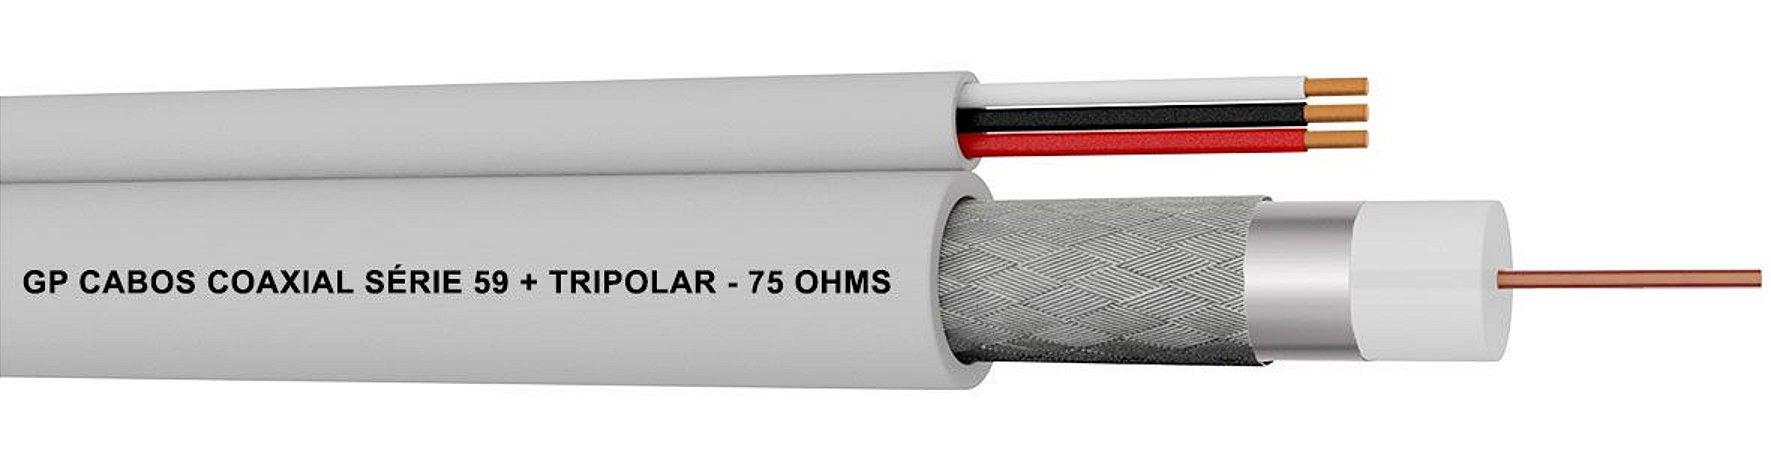 Cabo Coaxial Série 59 + Tripolar - 75 Ohms